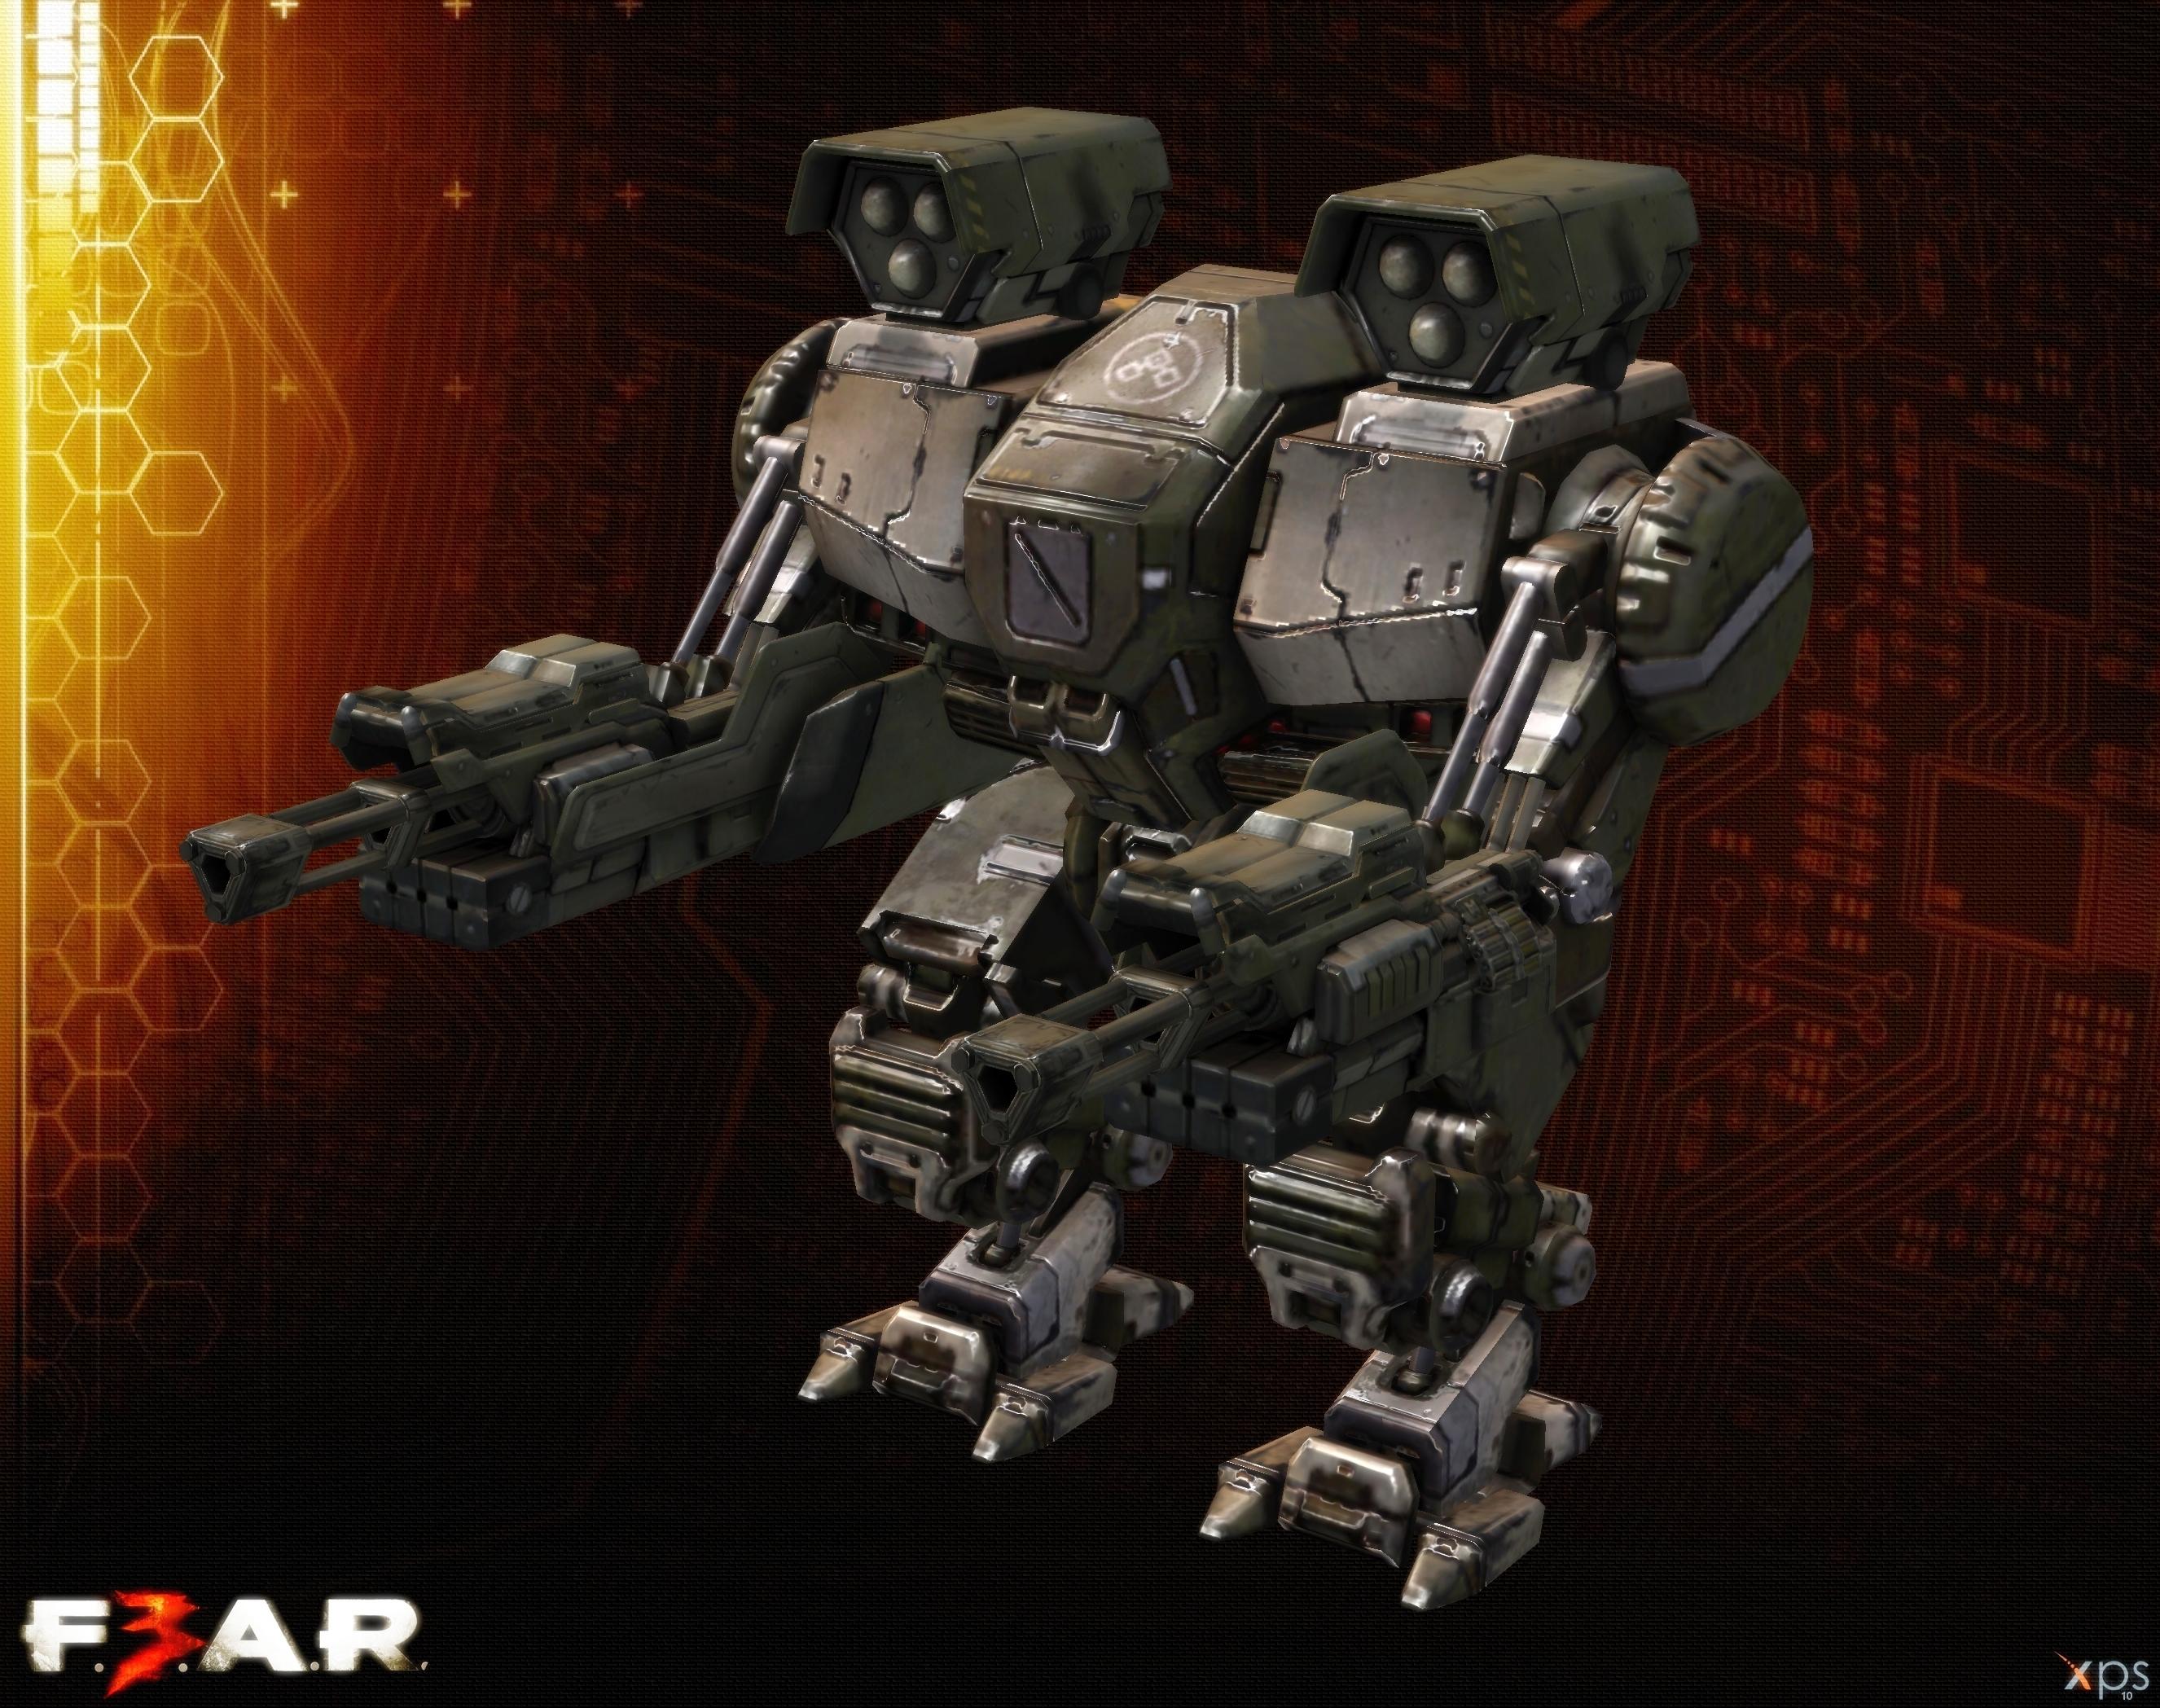 Enhanced Power Armor [F3AR] by Goreface13